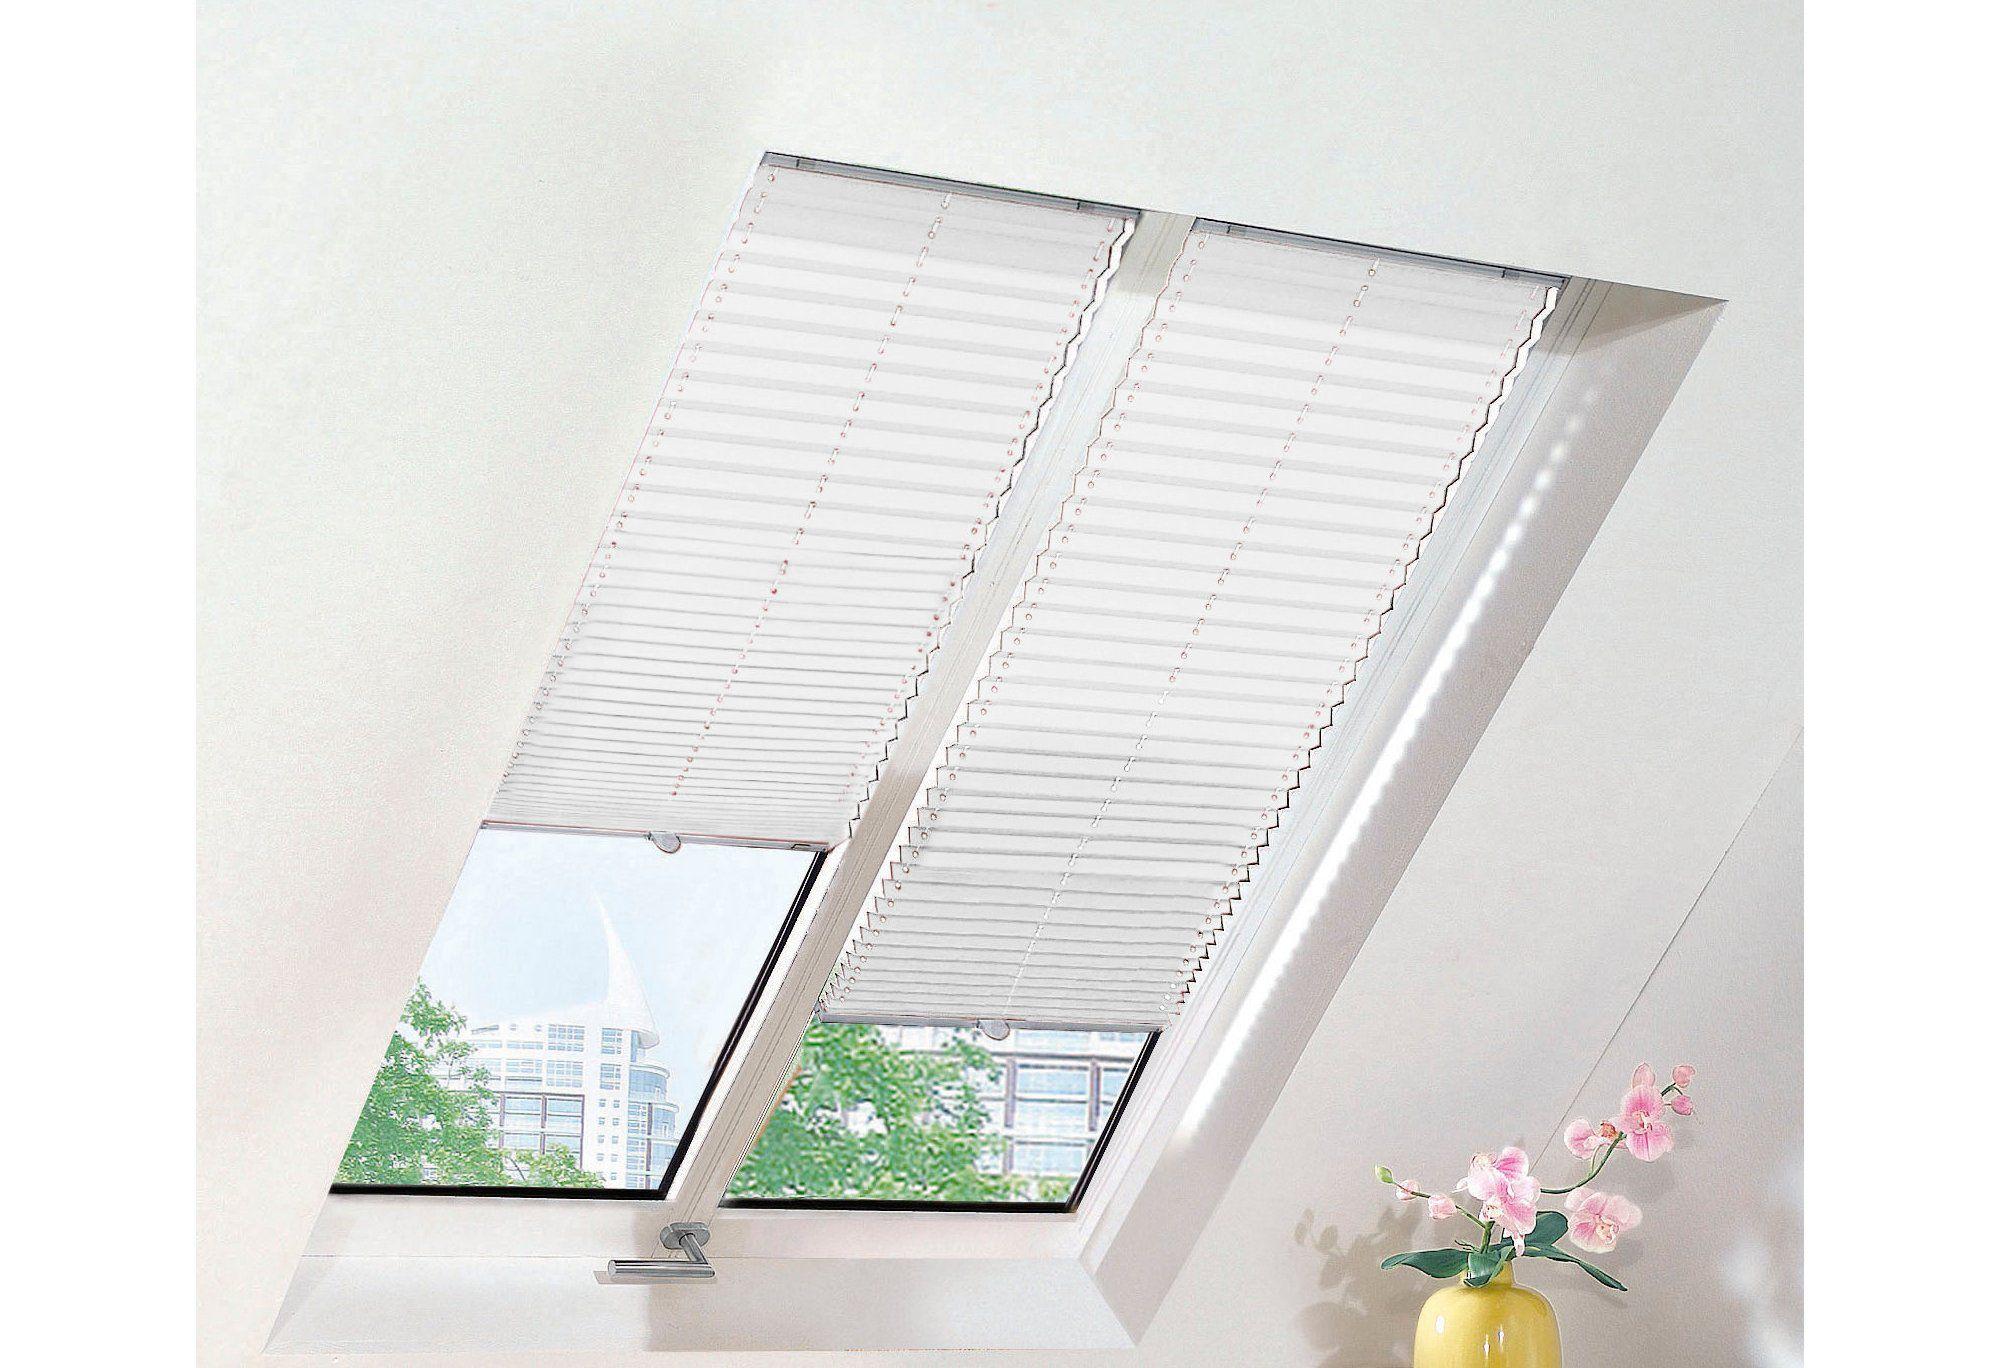 dachfenster plissee sunlines uni nach ma schwab versand sonnenschutz plissees. Black Bedroom Furniture Sets. Home Design Ideas